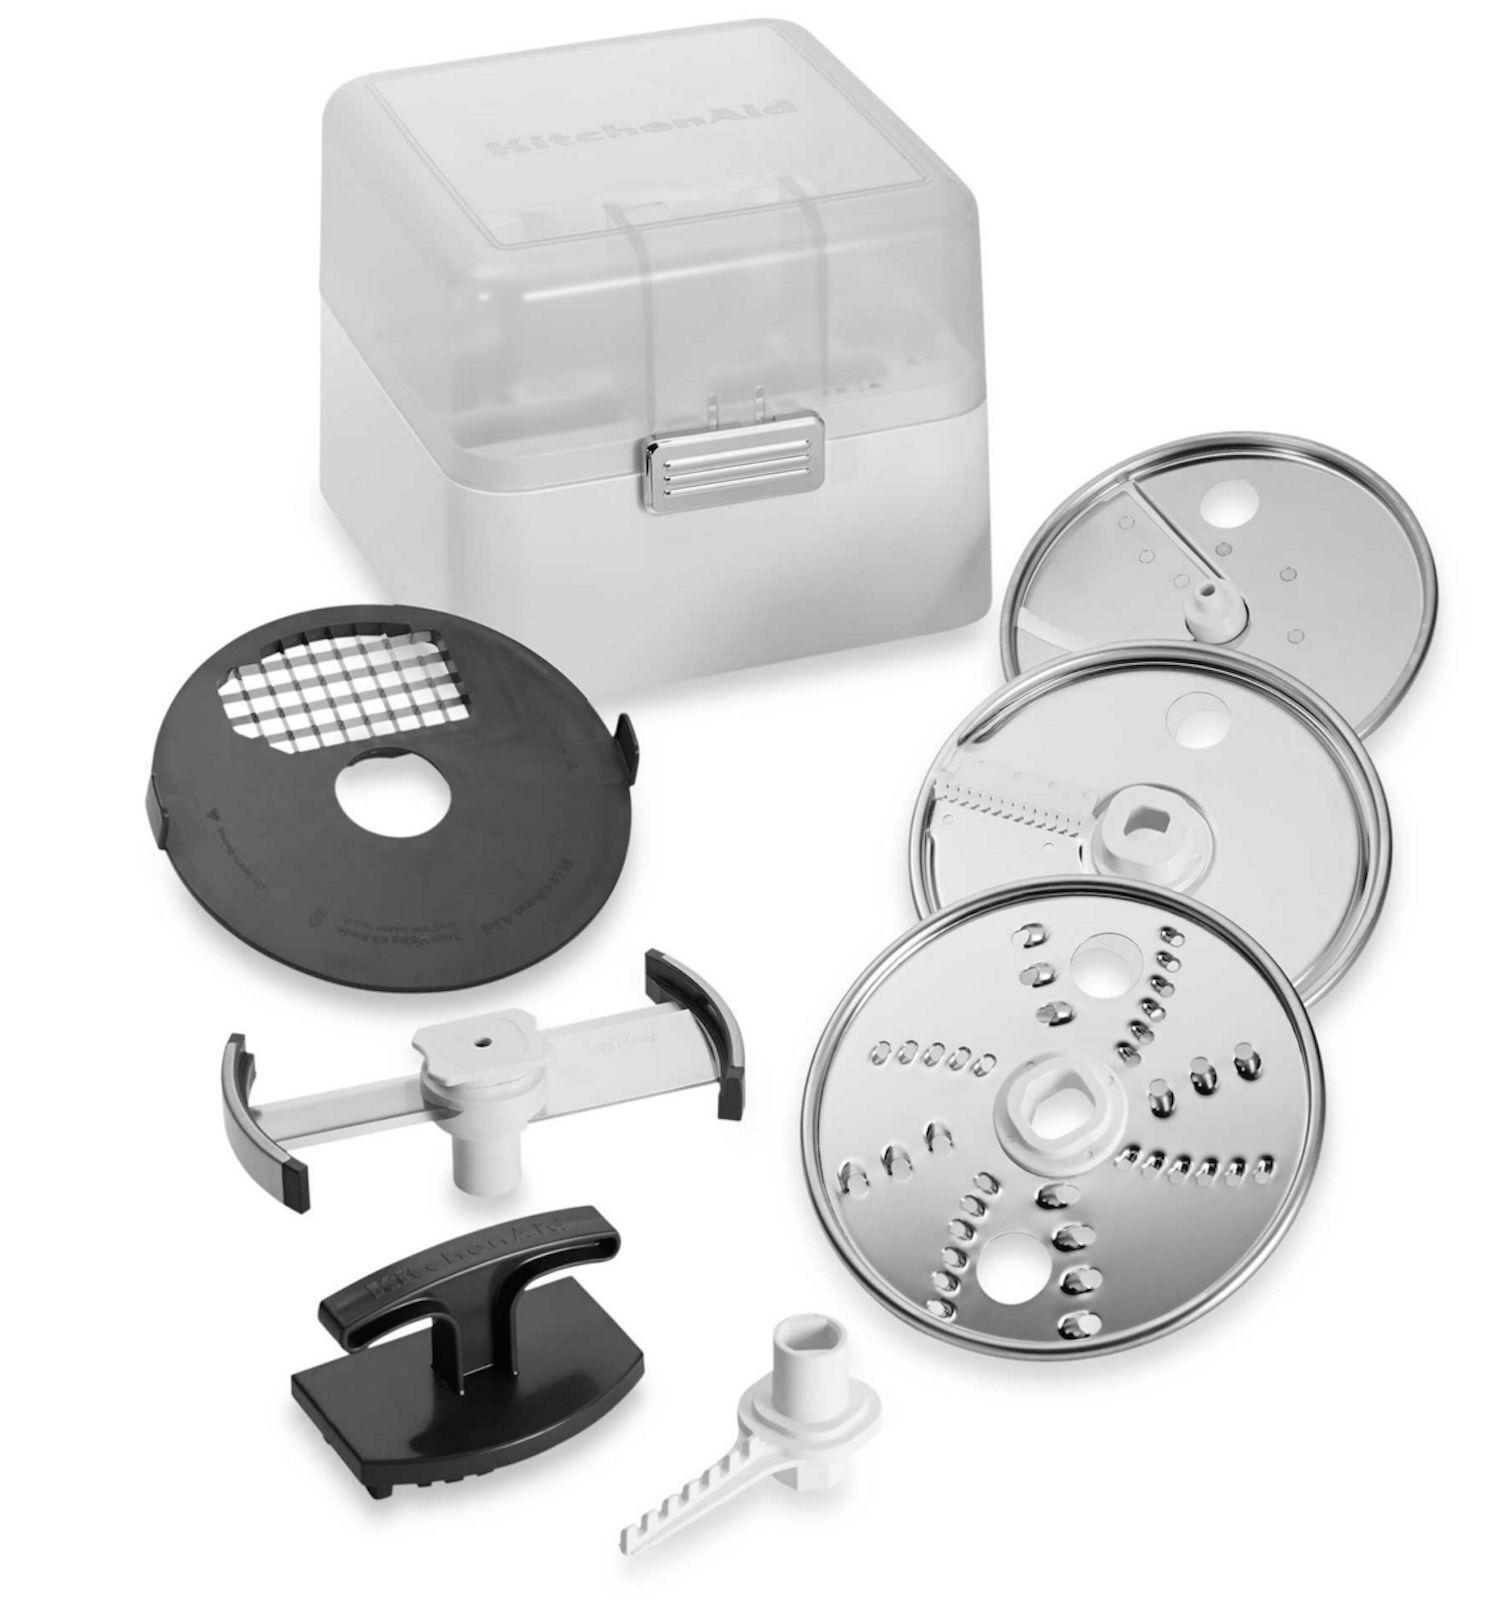 Kitchenaid Food Processor Stand Mixer Dicing Discs